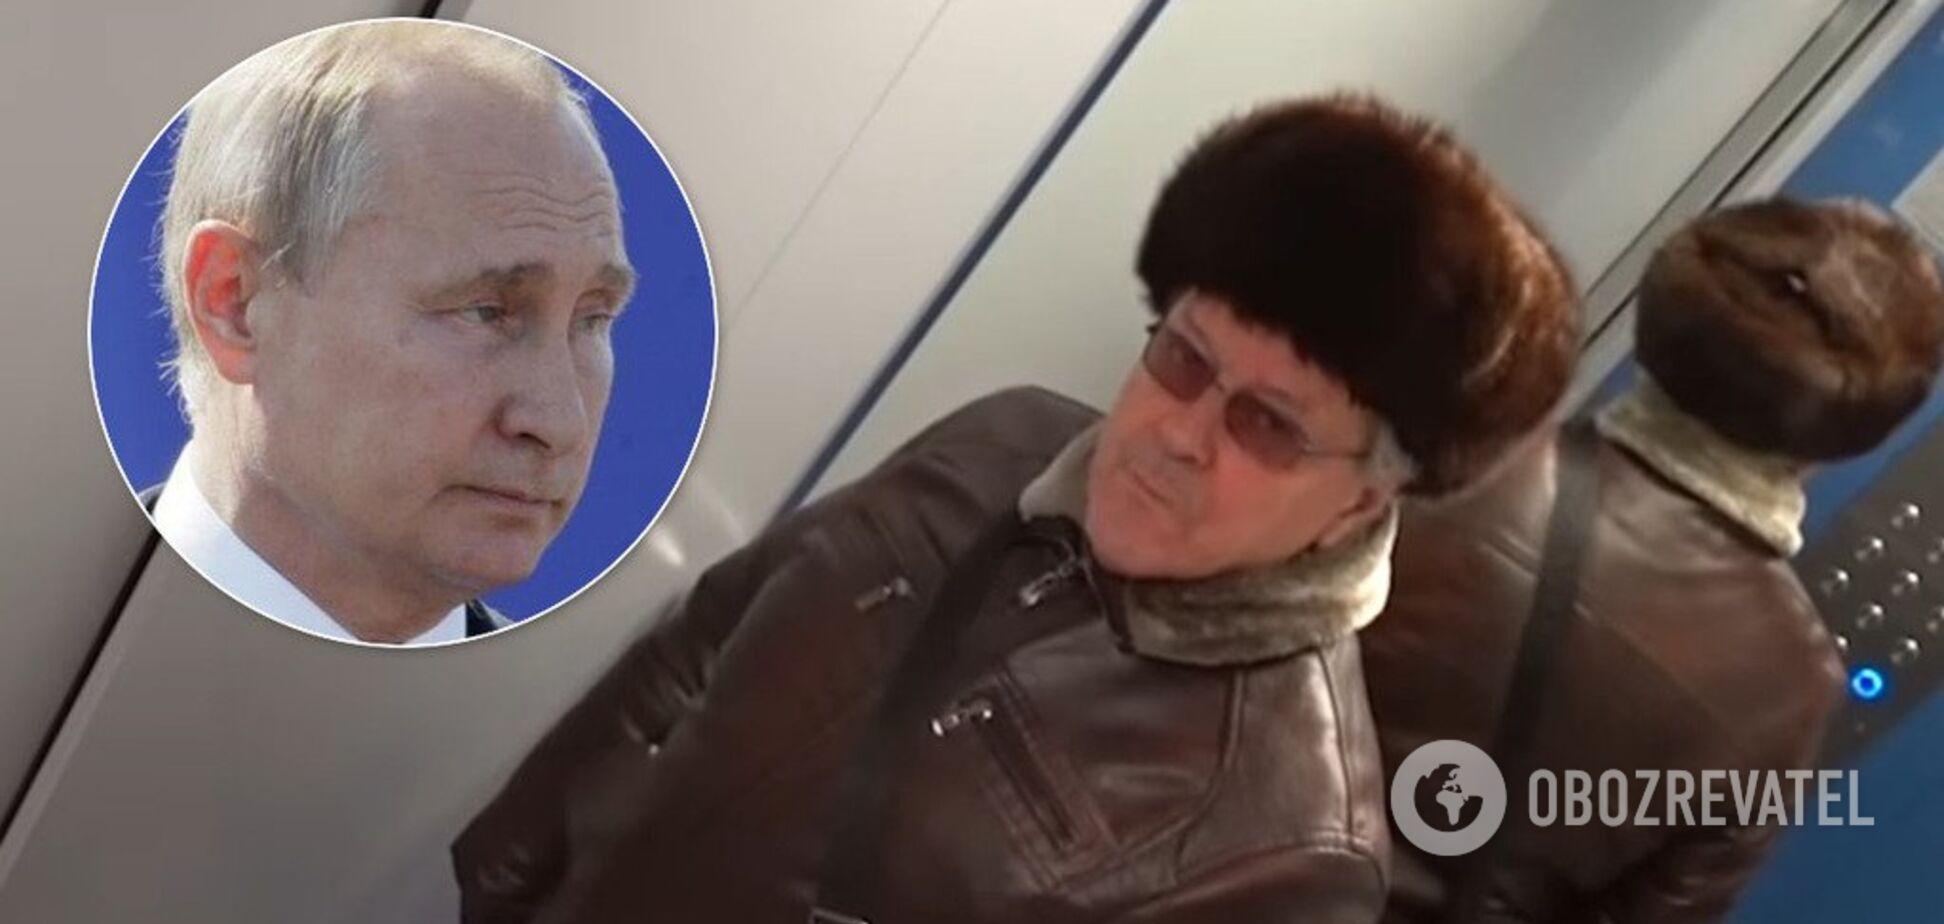 'Путин всем надоел, но...' Рыклин объяснил реакцию россиян на портрет в лифте